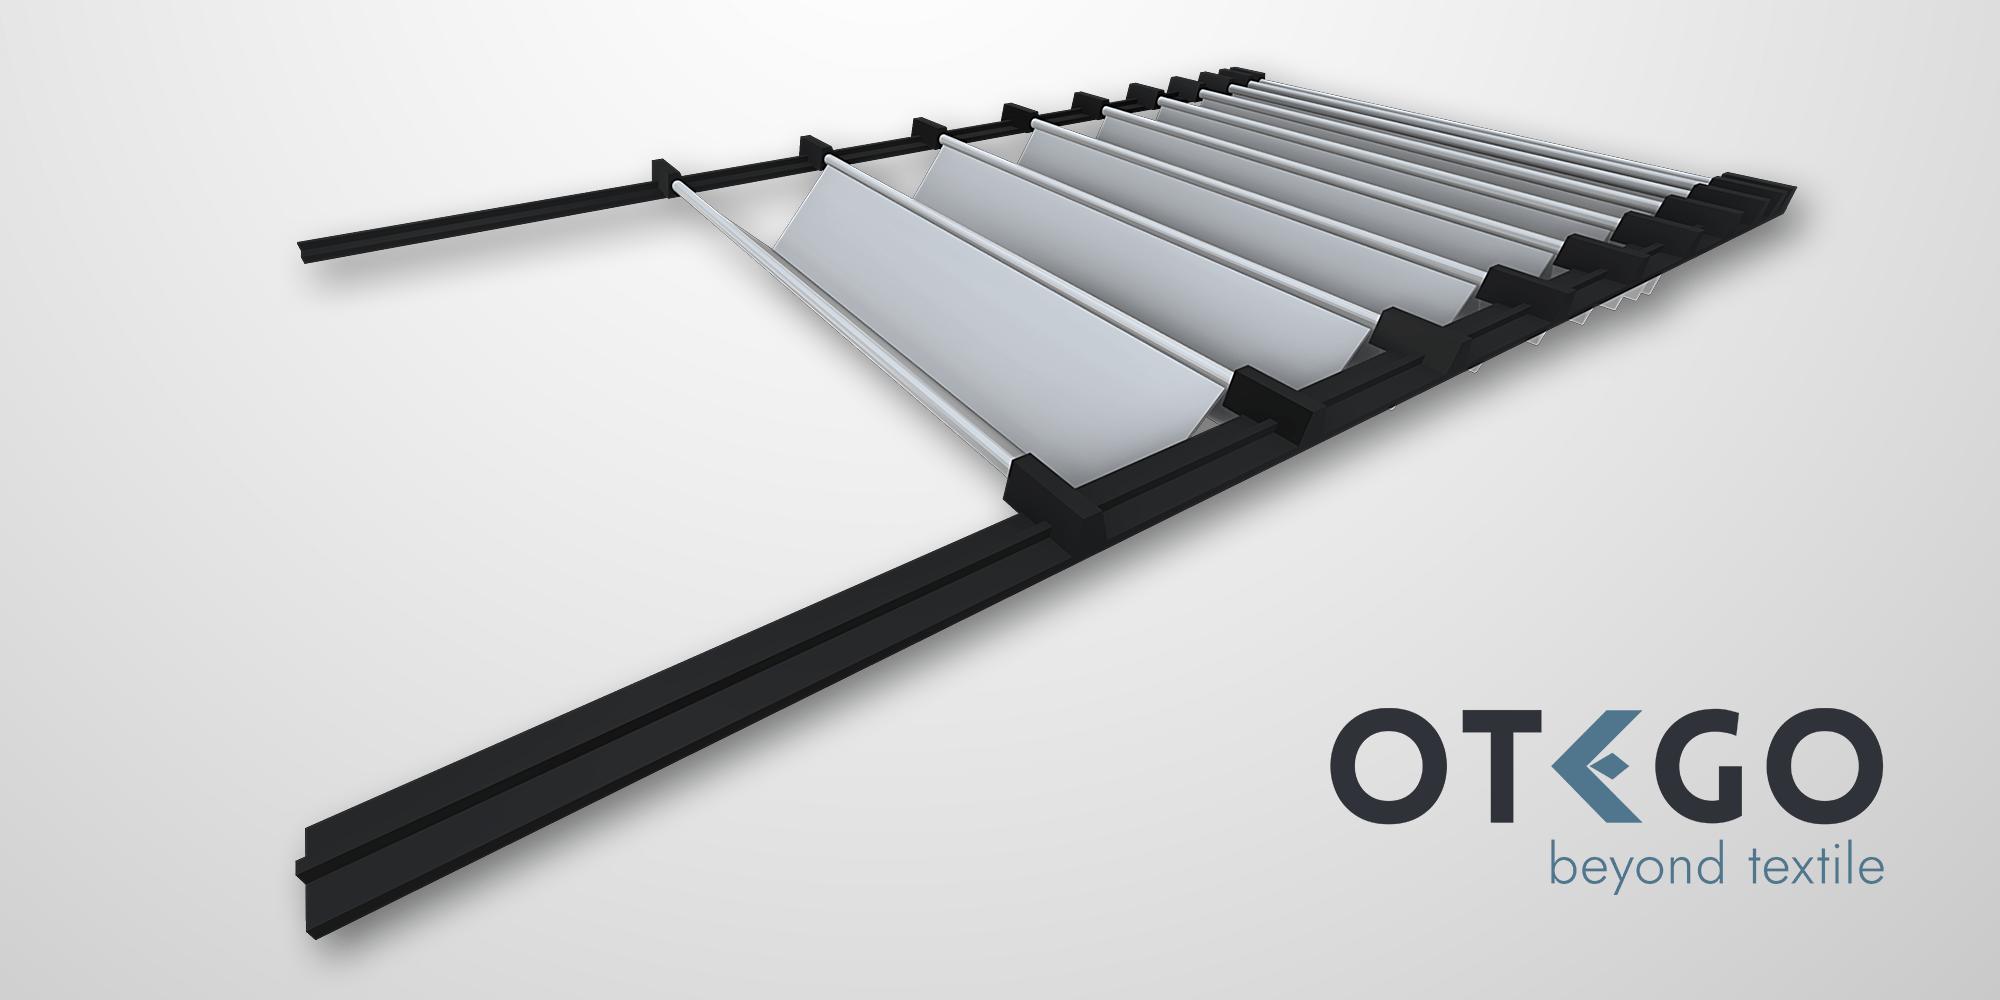 新趋势:大型CNC机床的顶部防护罩